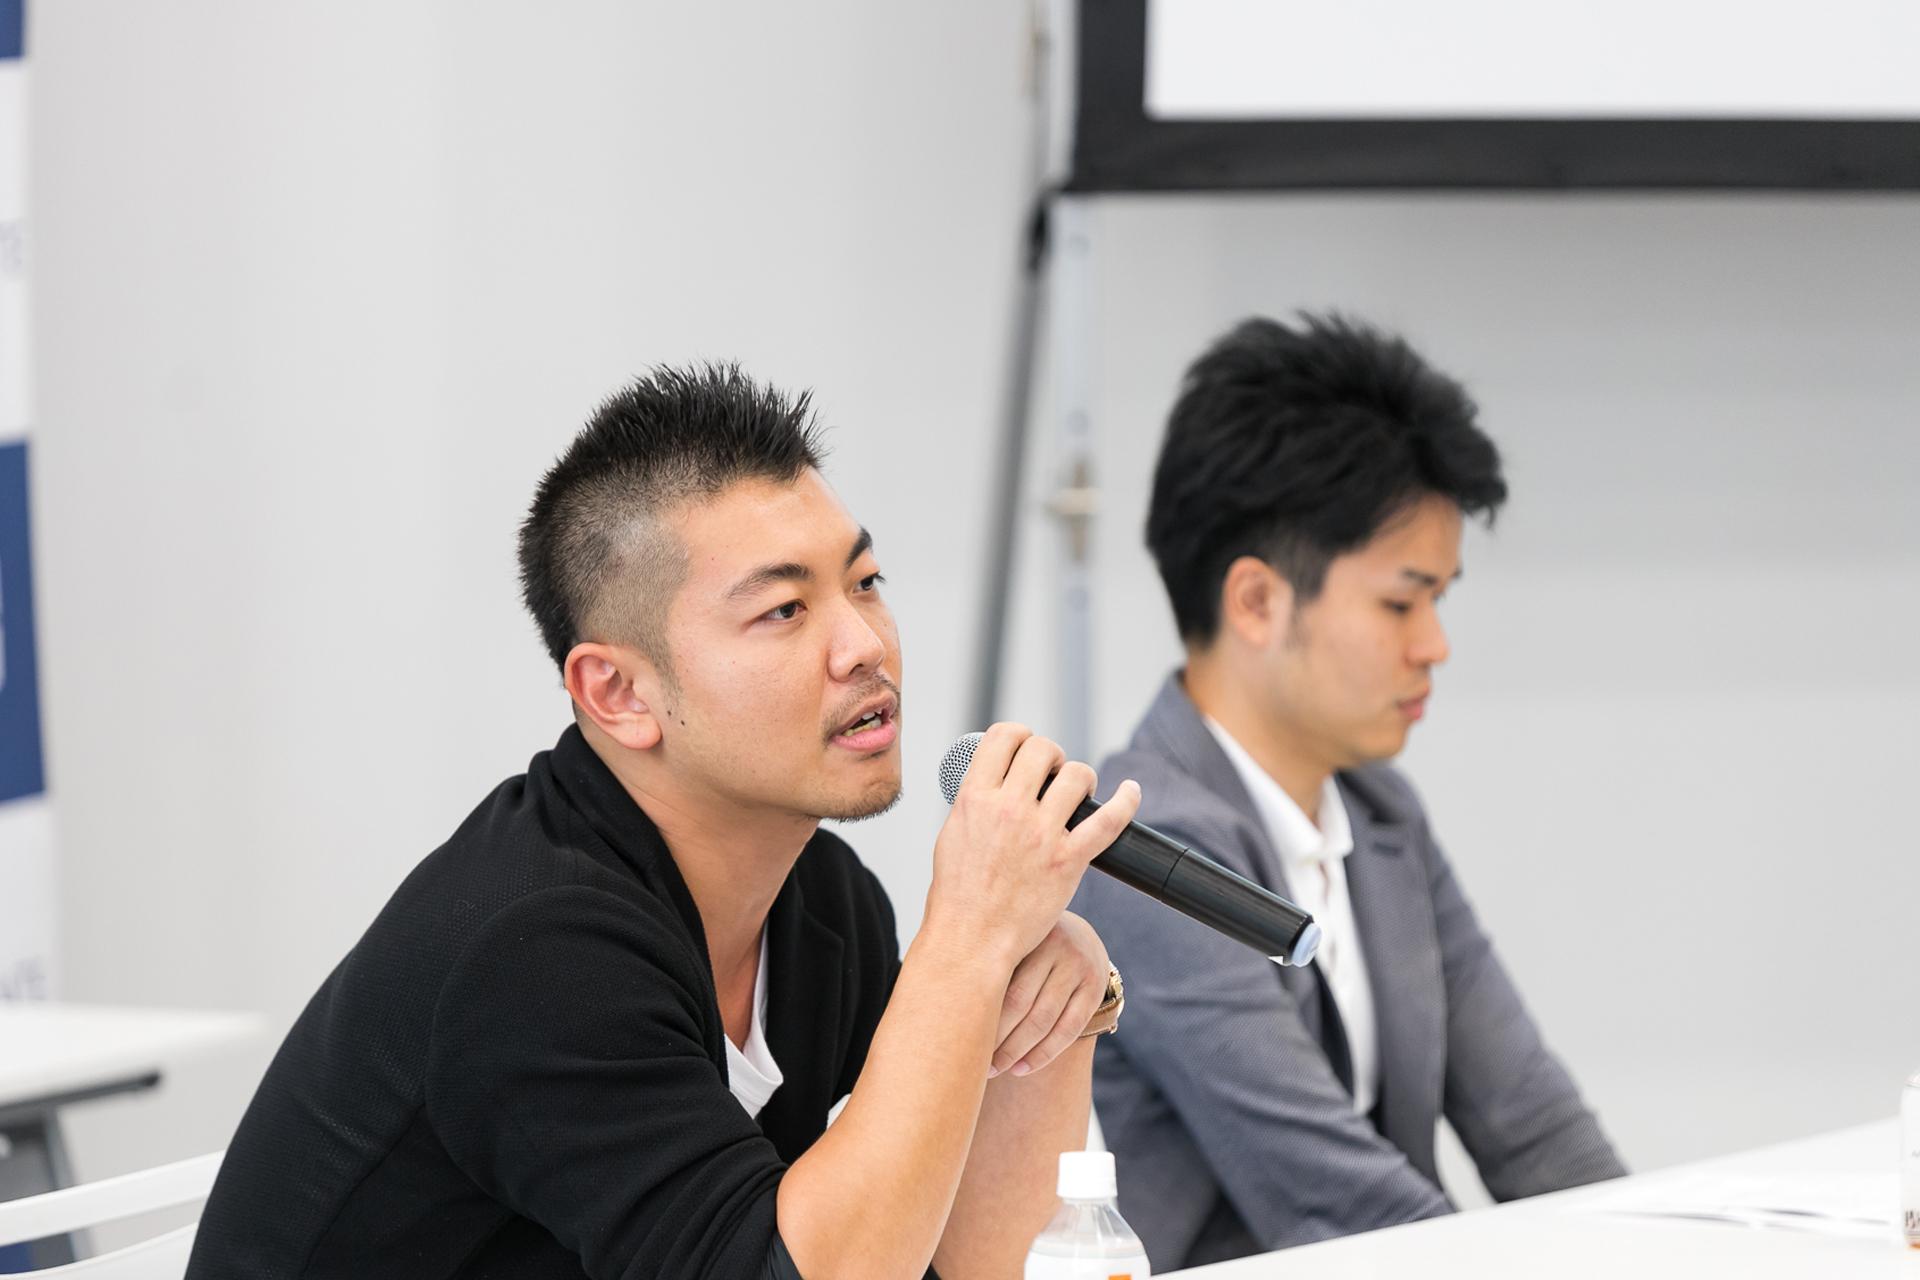 俣野 和仁(俣野公認会計士事務所 代表/Blue Works株式会社 代表取締役/公認会計士)